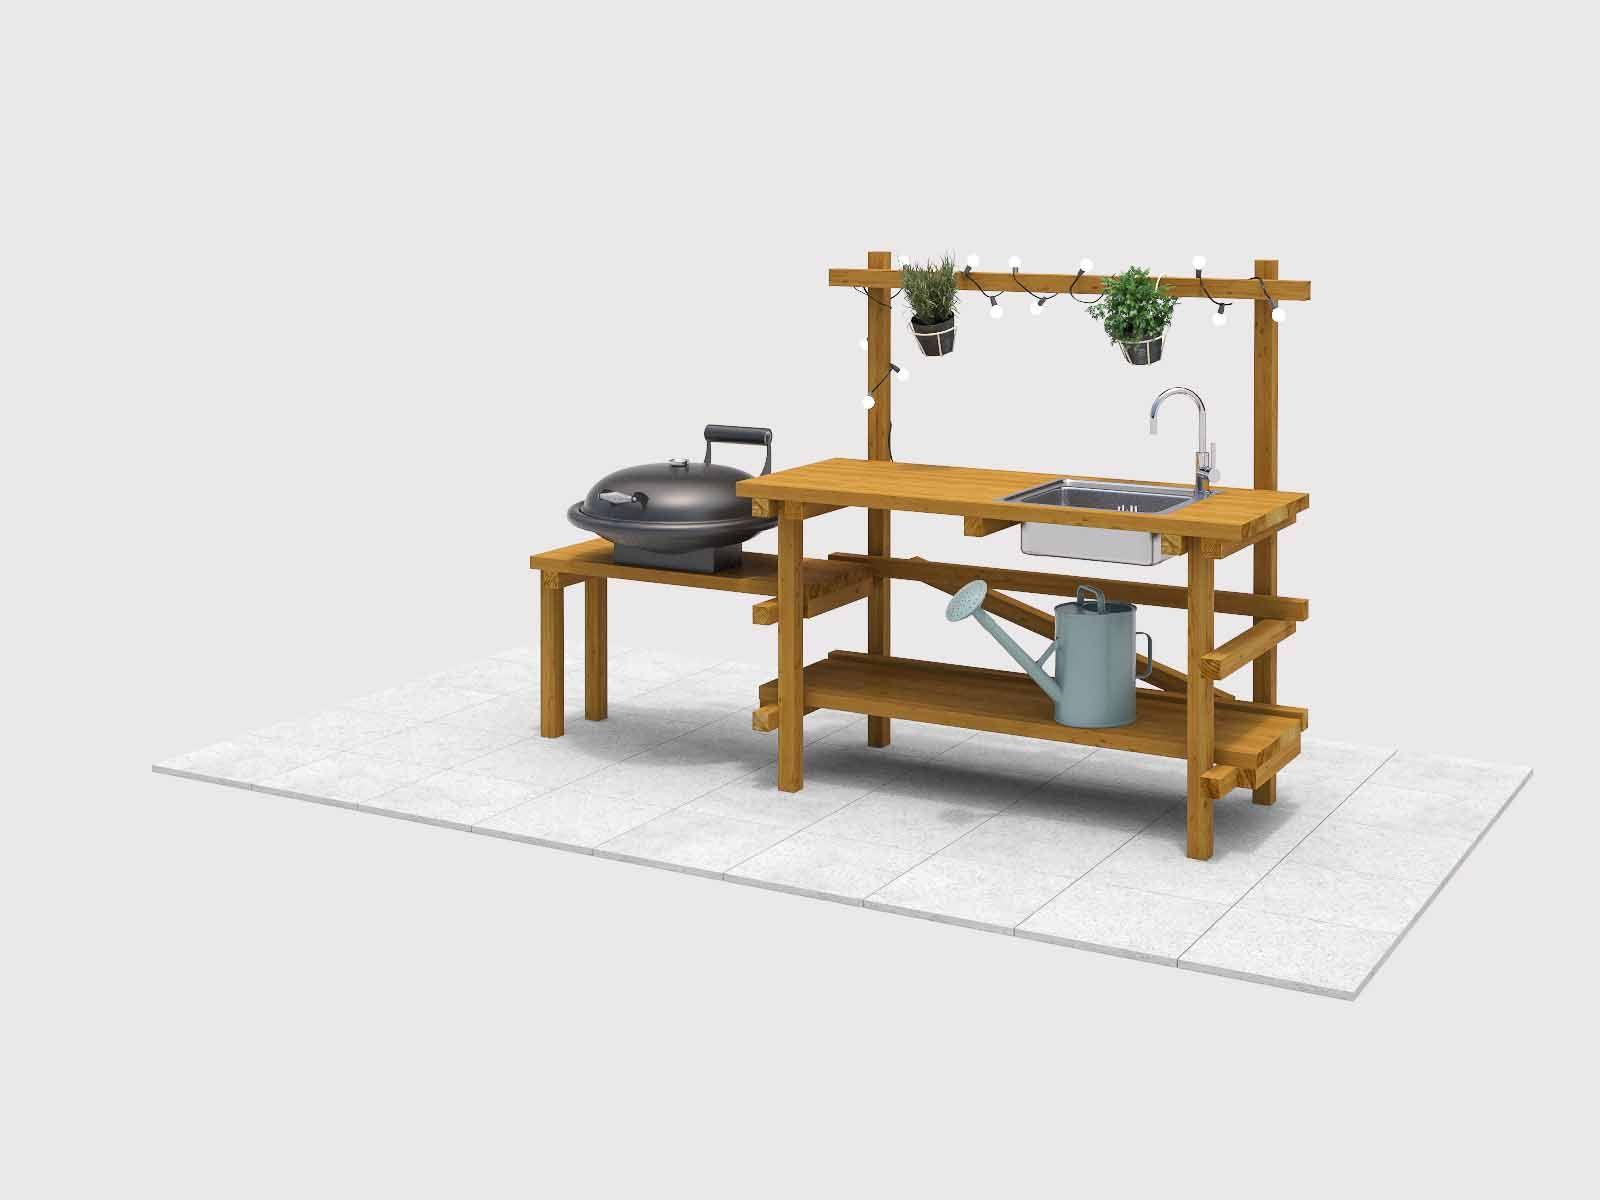 Außenküche Selber Bauen Obi : Outdoorküche alfons selber bauen gartenmöbel balkon